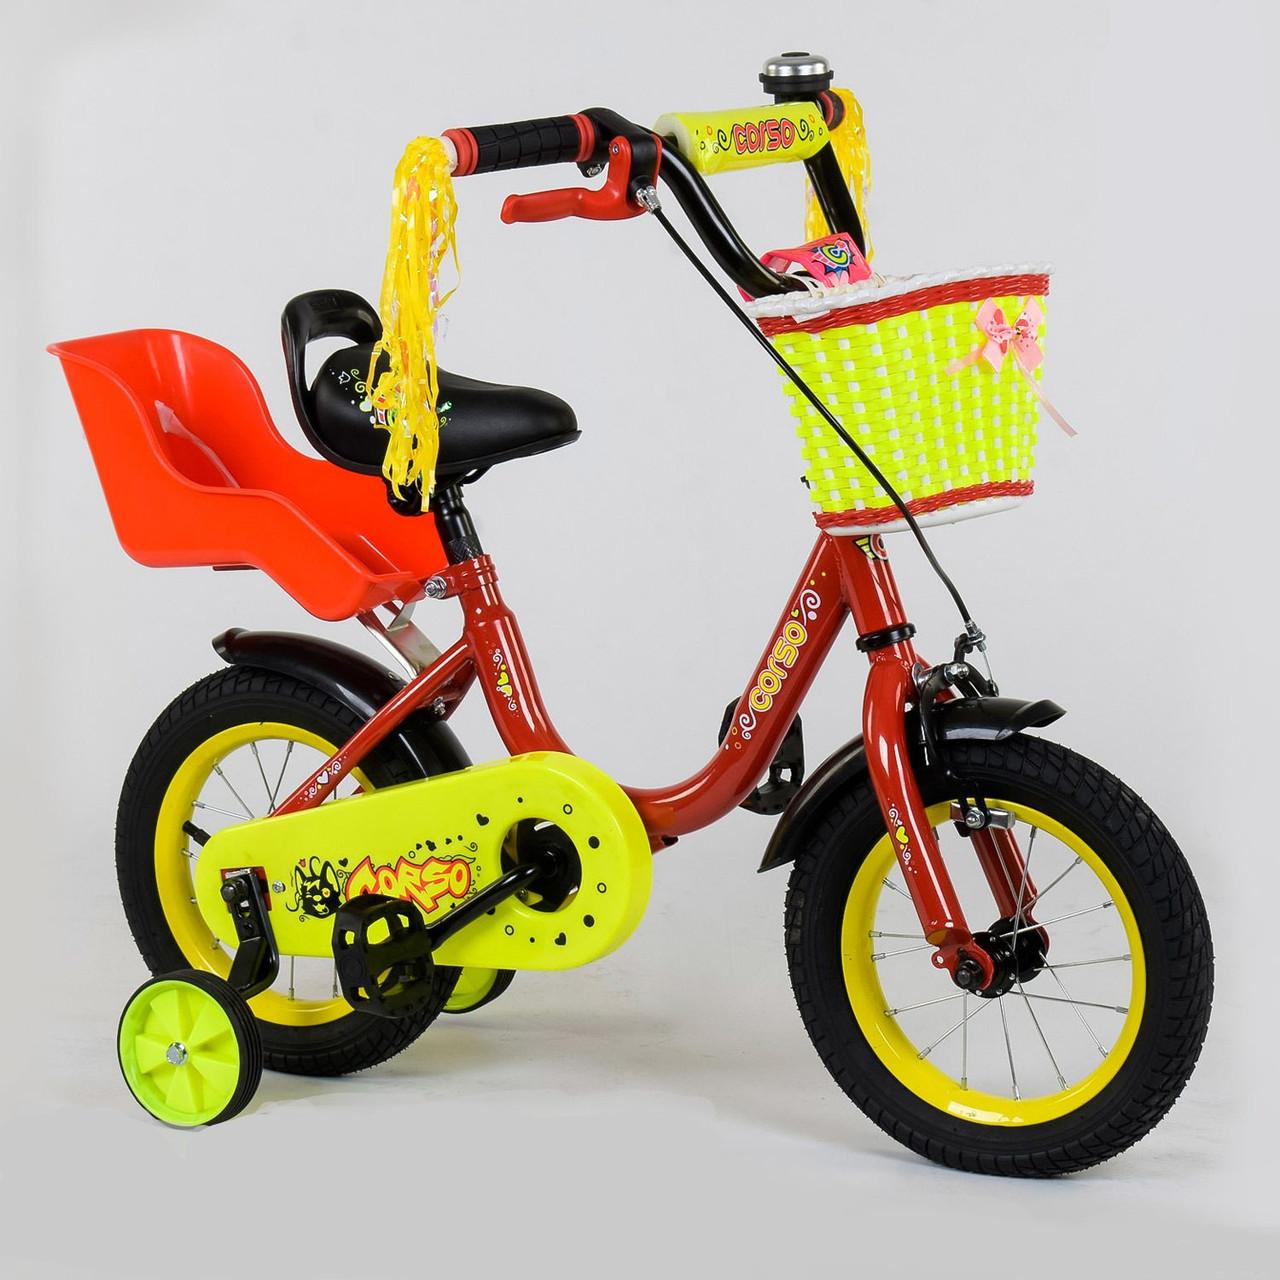 """Детский двухколёсный велосипед 12"""" с ручным тормозом и съемными страховочными колесами Corso 1294 красный"""